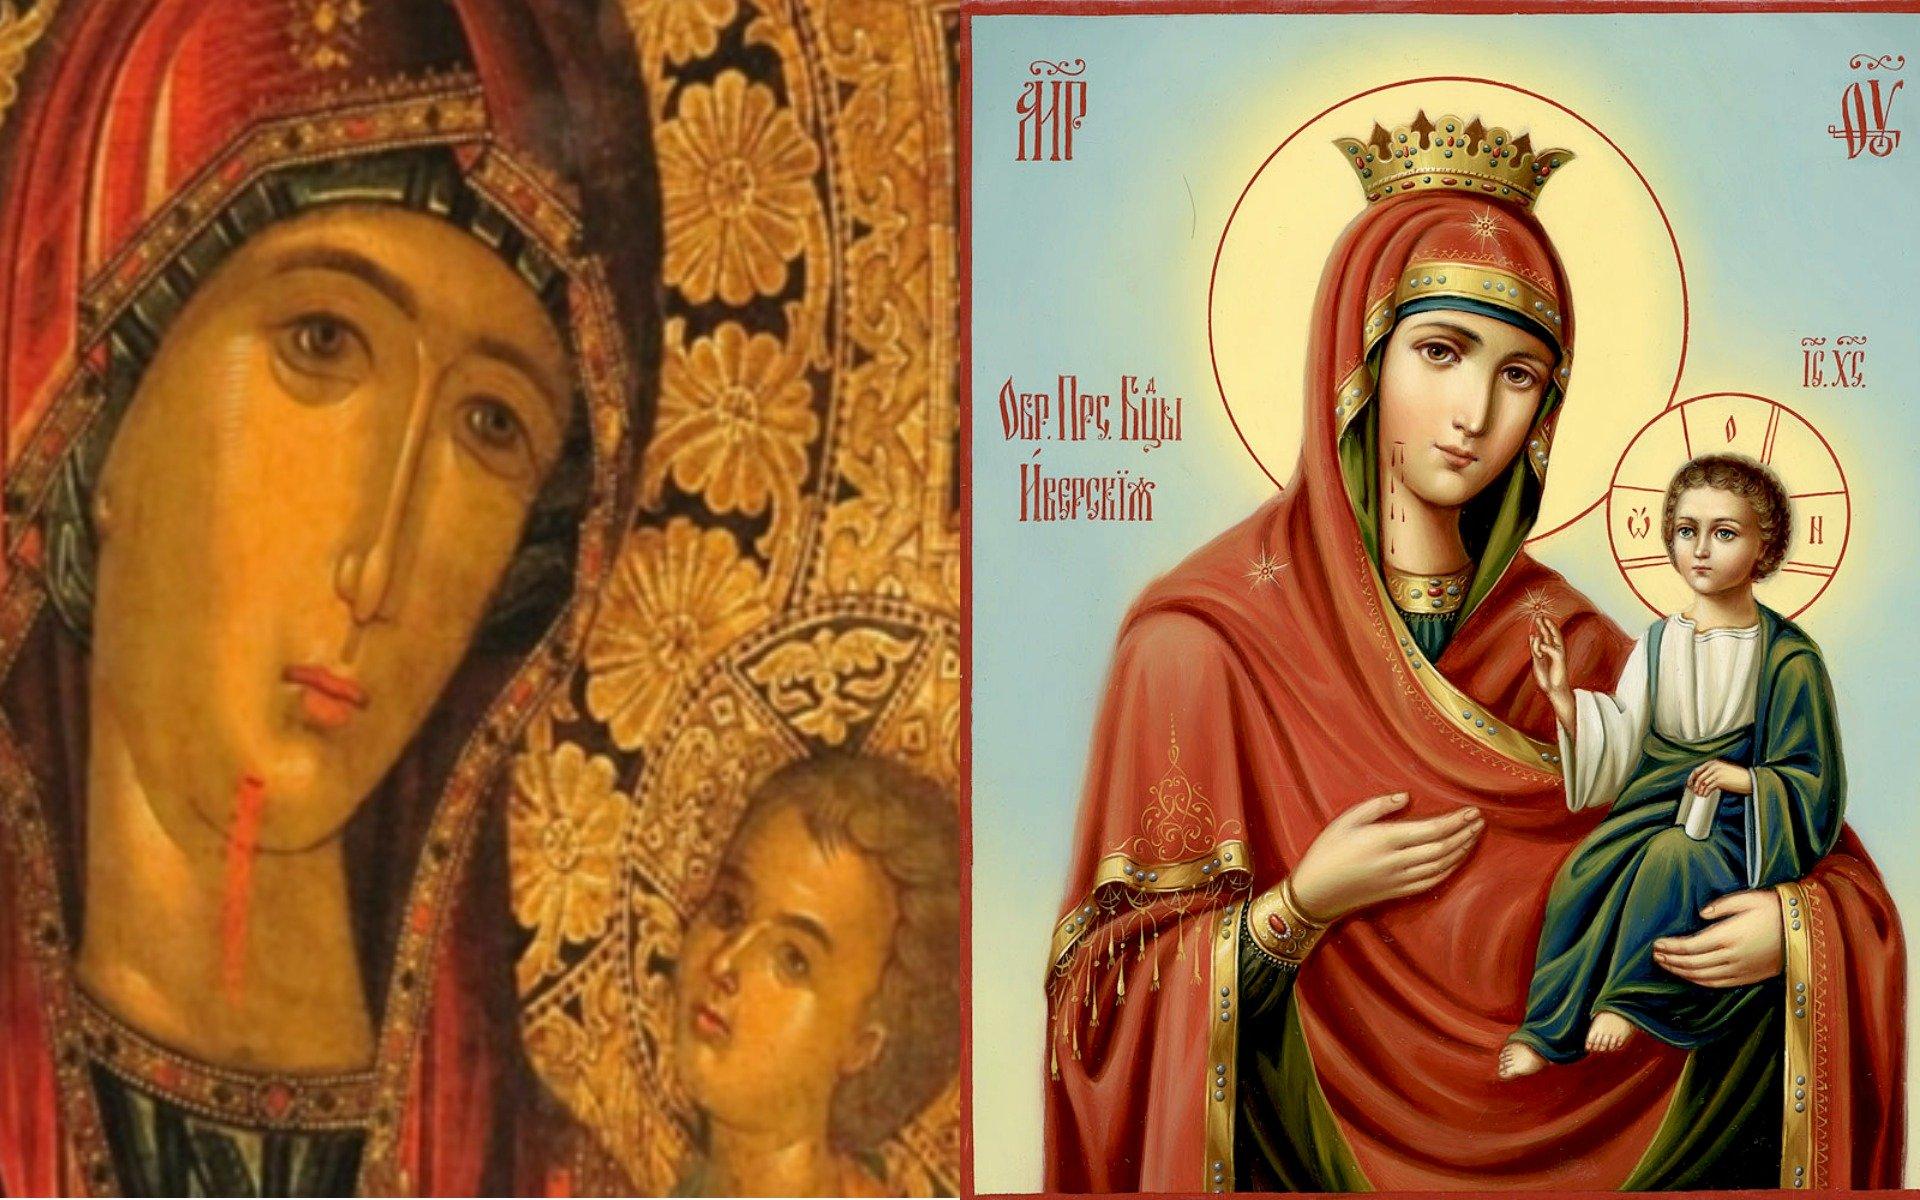 Поздравления раи, с праздником смоленской иконы божией матери картинки